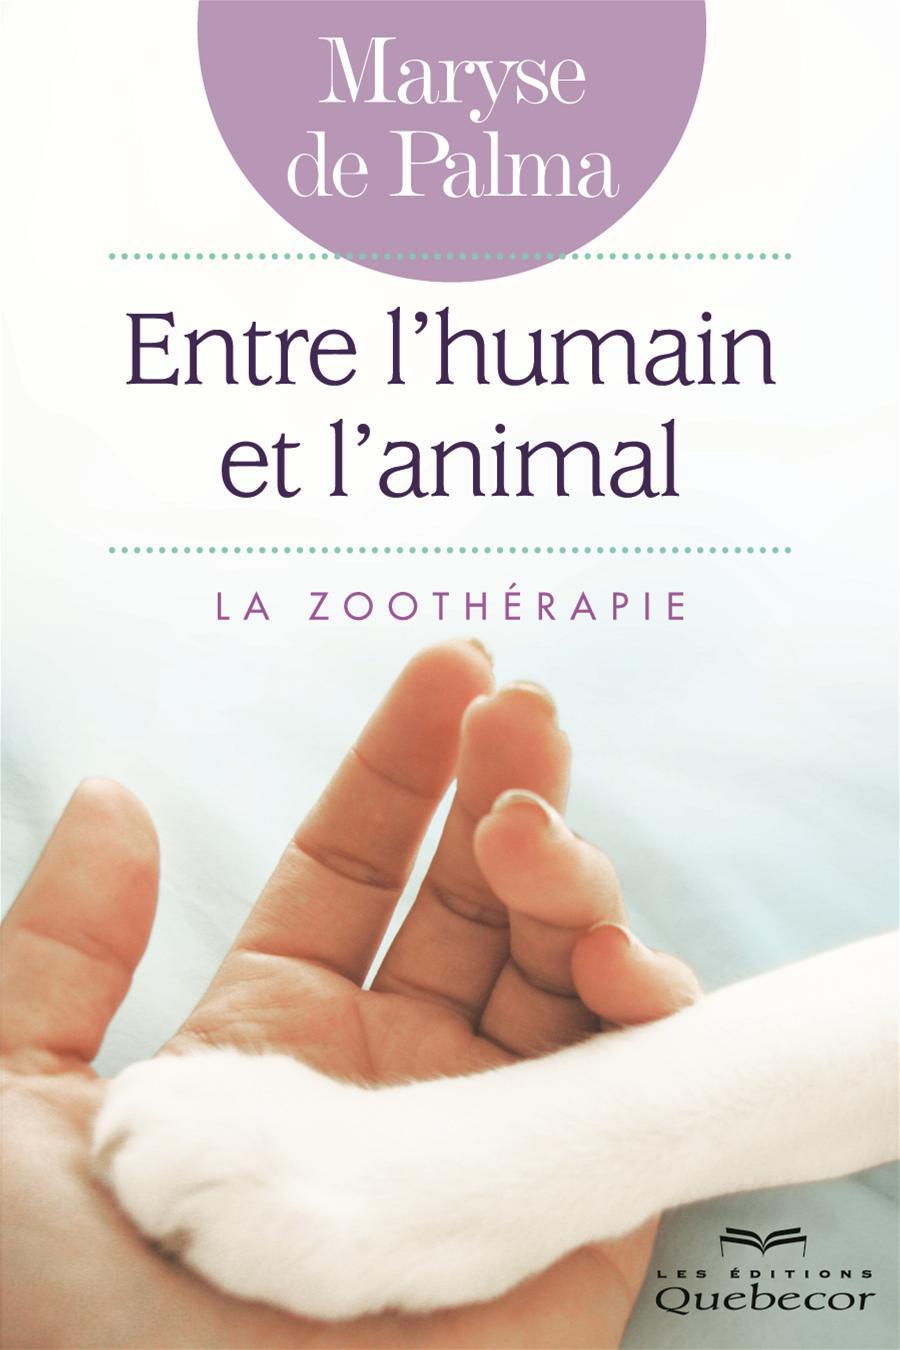 Entre l'humain et l'animal